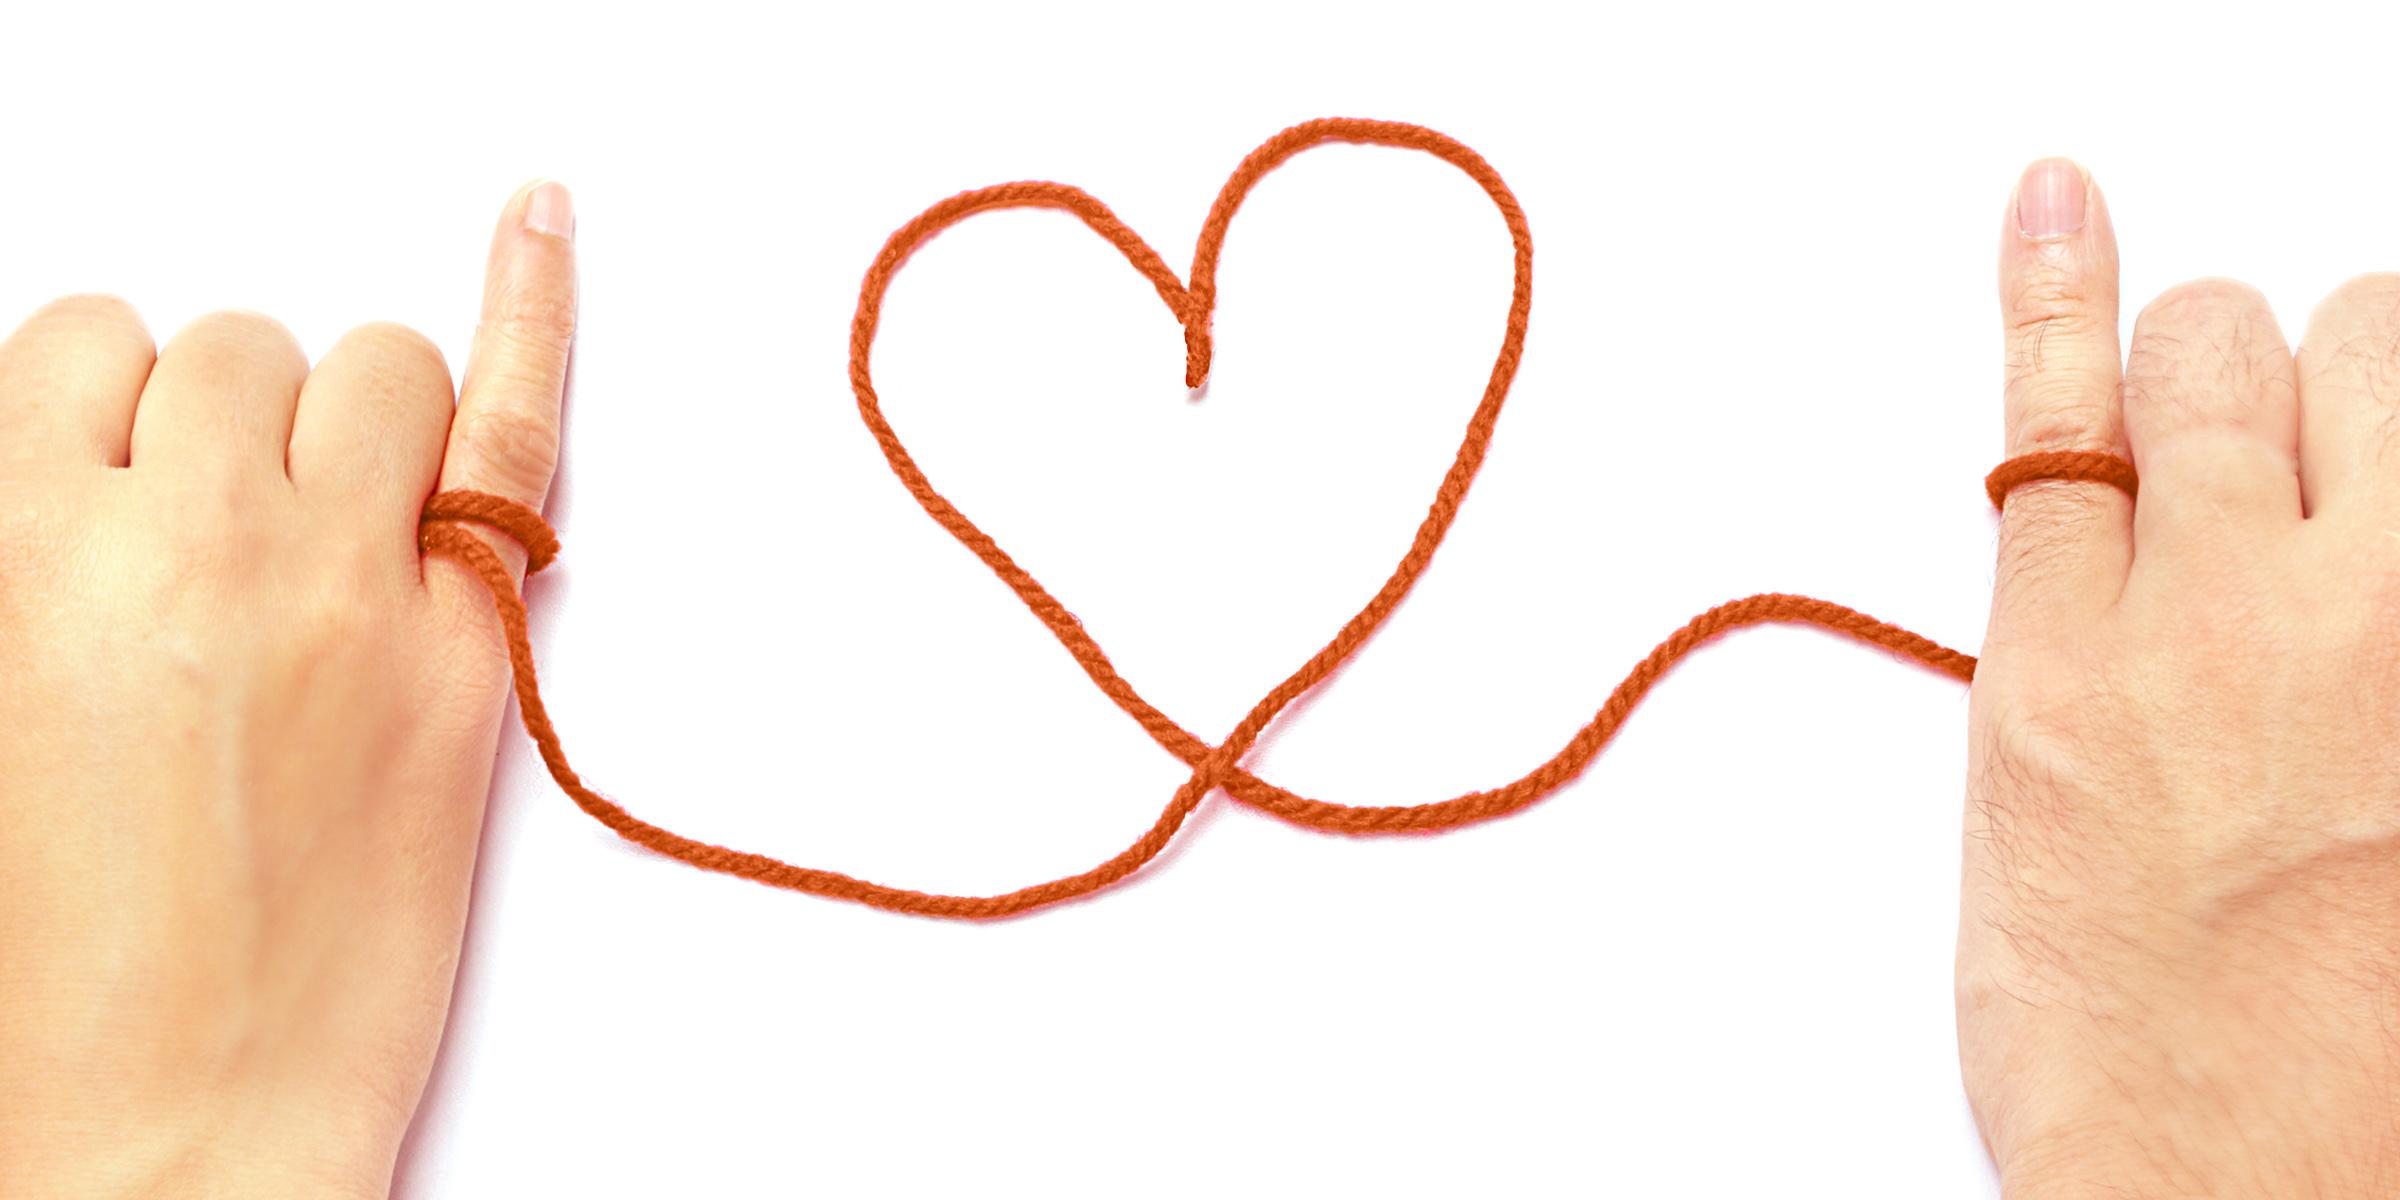 Zwei Hände, in der Mitte liegt ein Herz gebildet aus Faden. Die Enden sind um die Finger der Hände gewickelt